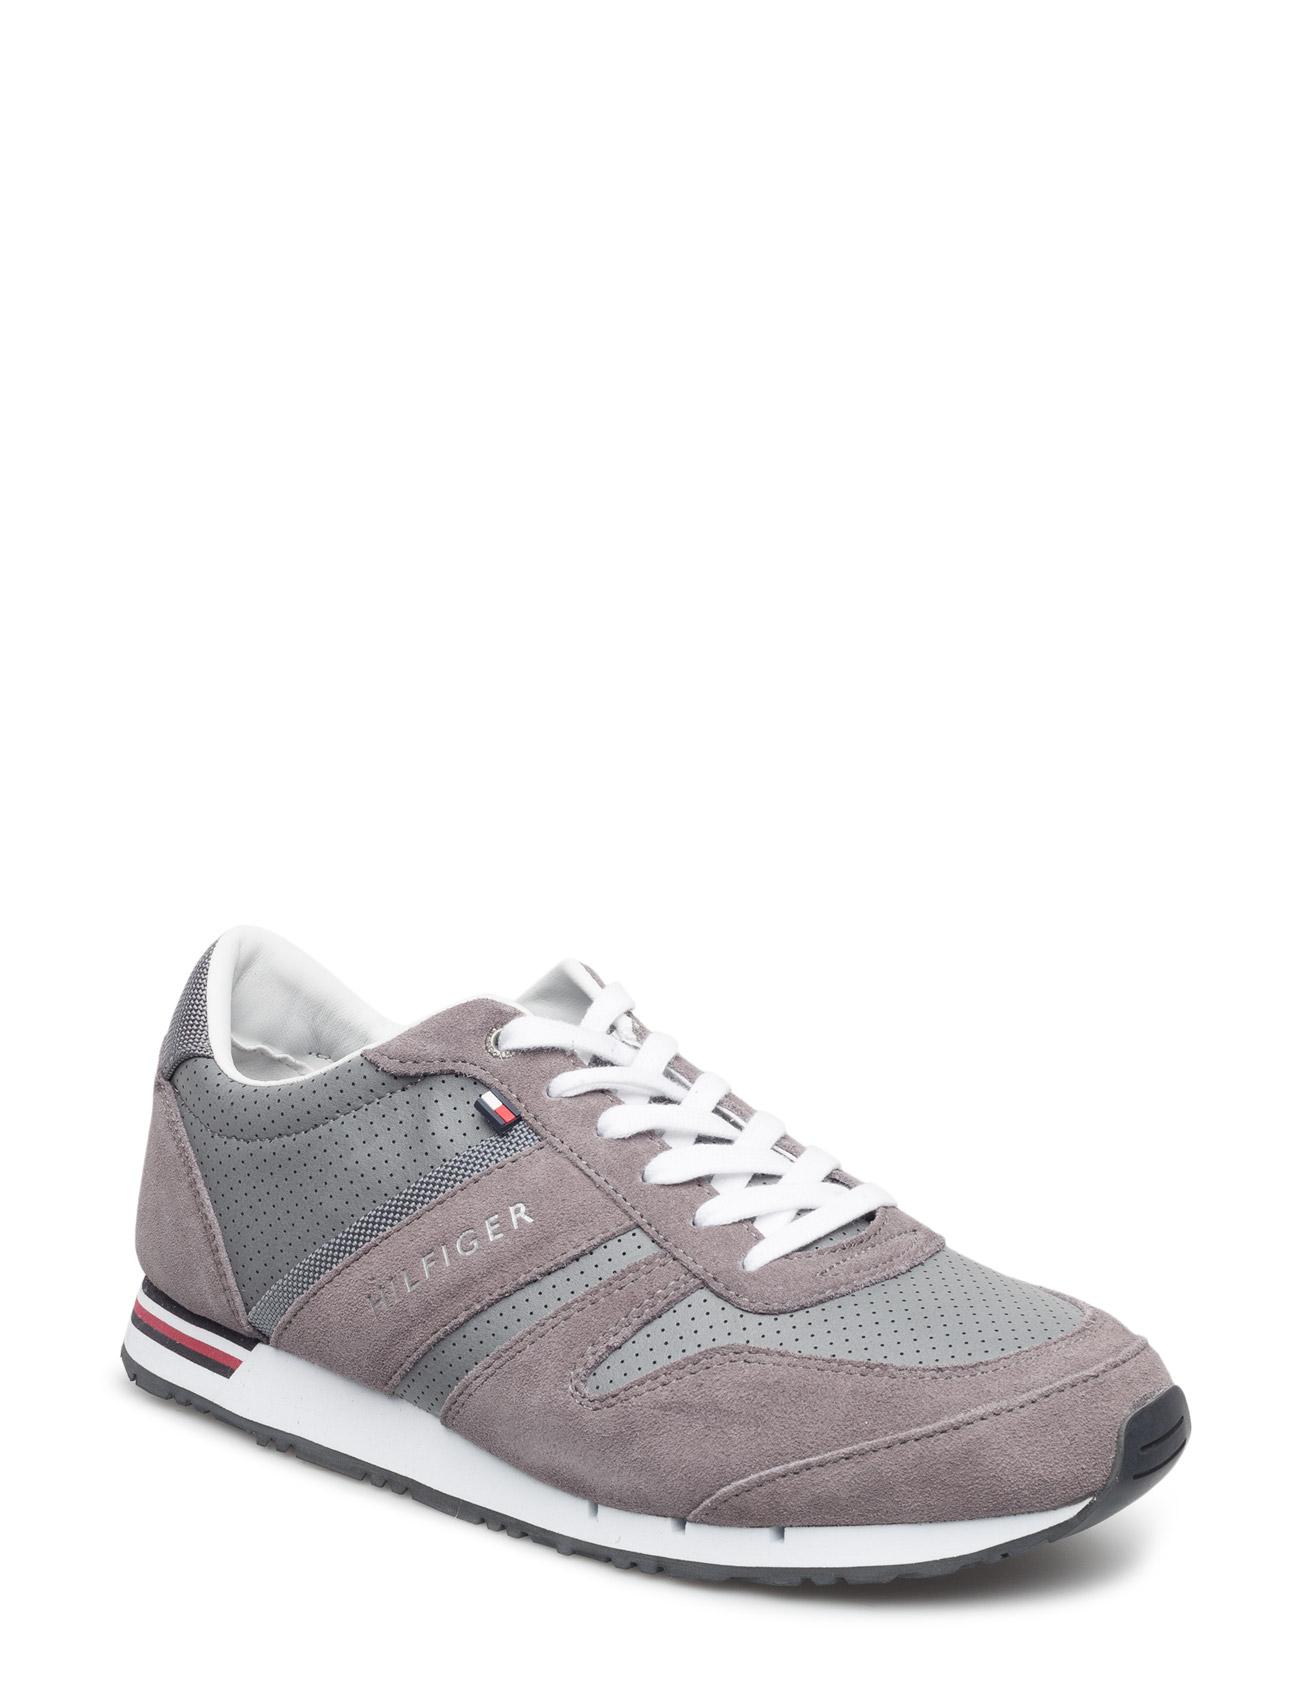 M2285axwell 5c Tommy Hilfiger Sneakers til Mænd i Grå